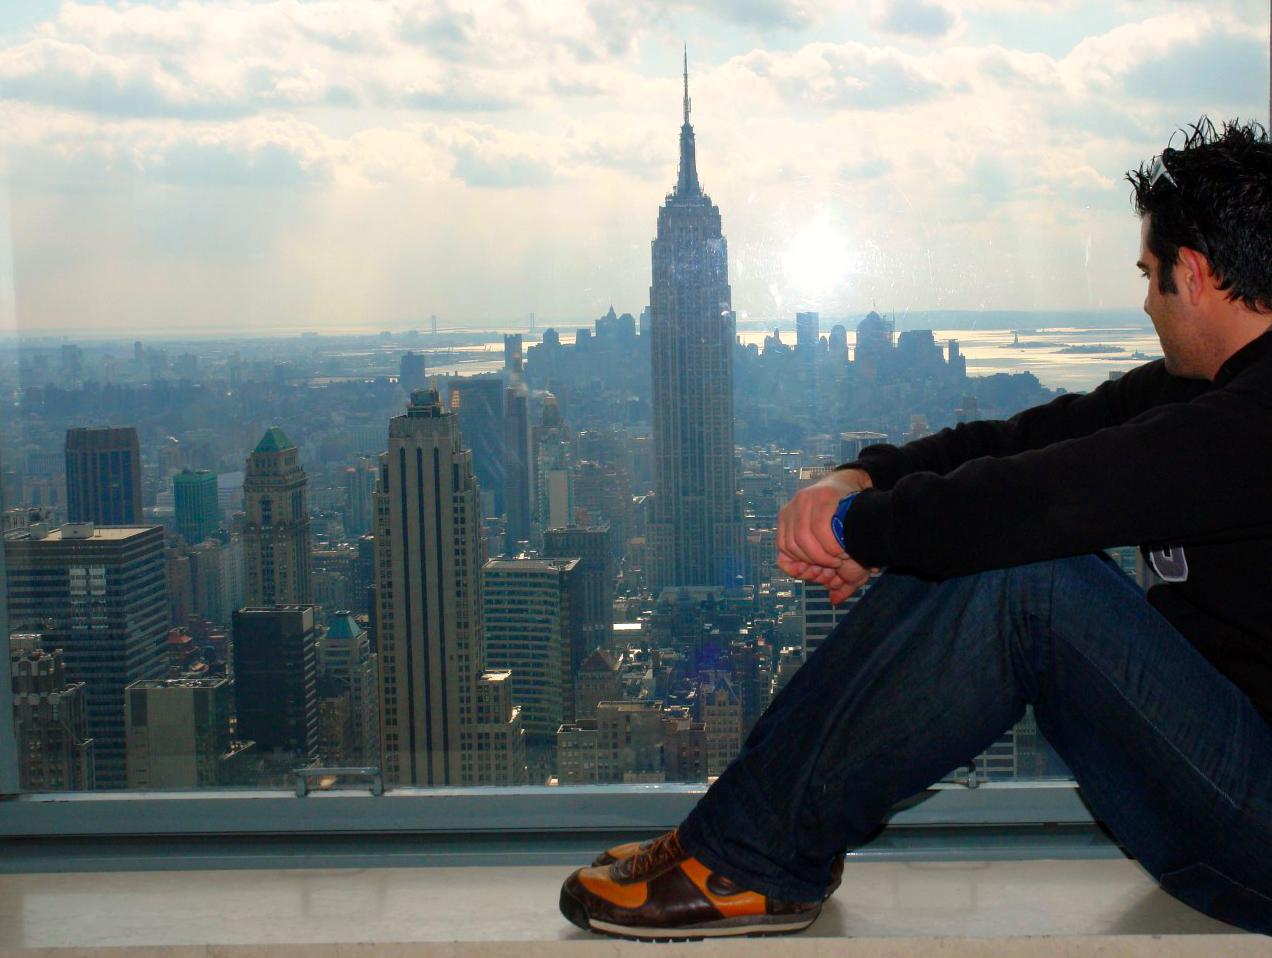 Qué hacer y ver en Nueva York qué hacer y ver en nueva york - 31142701765 5e90e41765 o - Qué hacer y ver en Nueva York